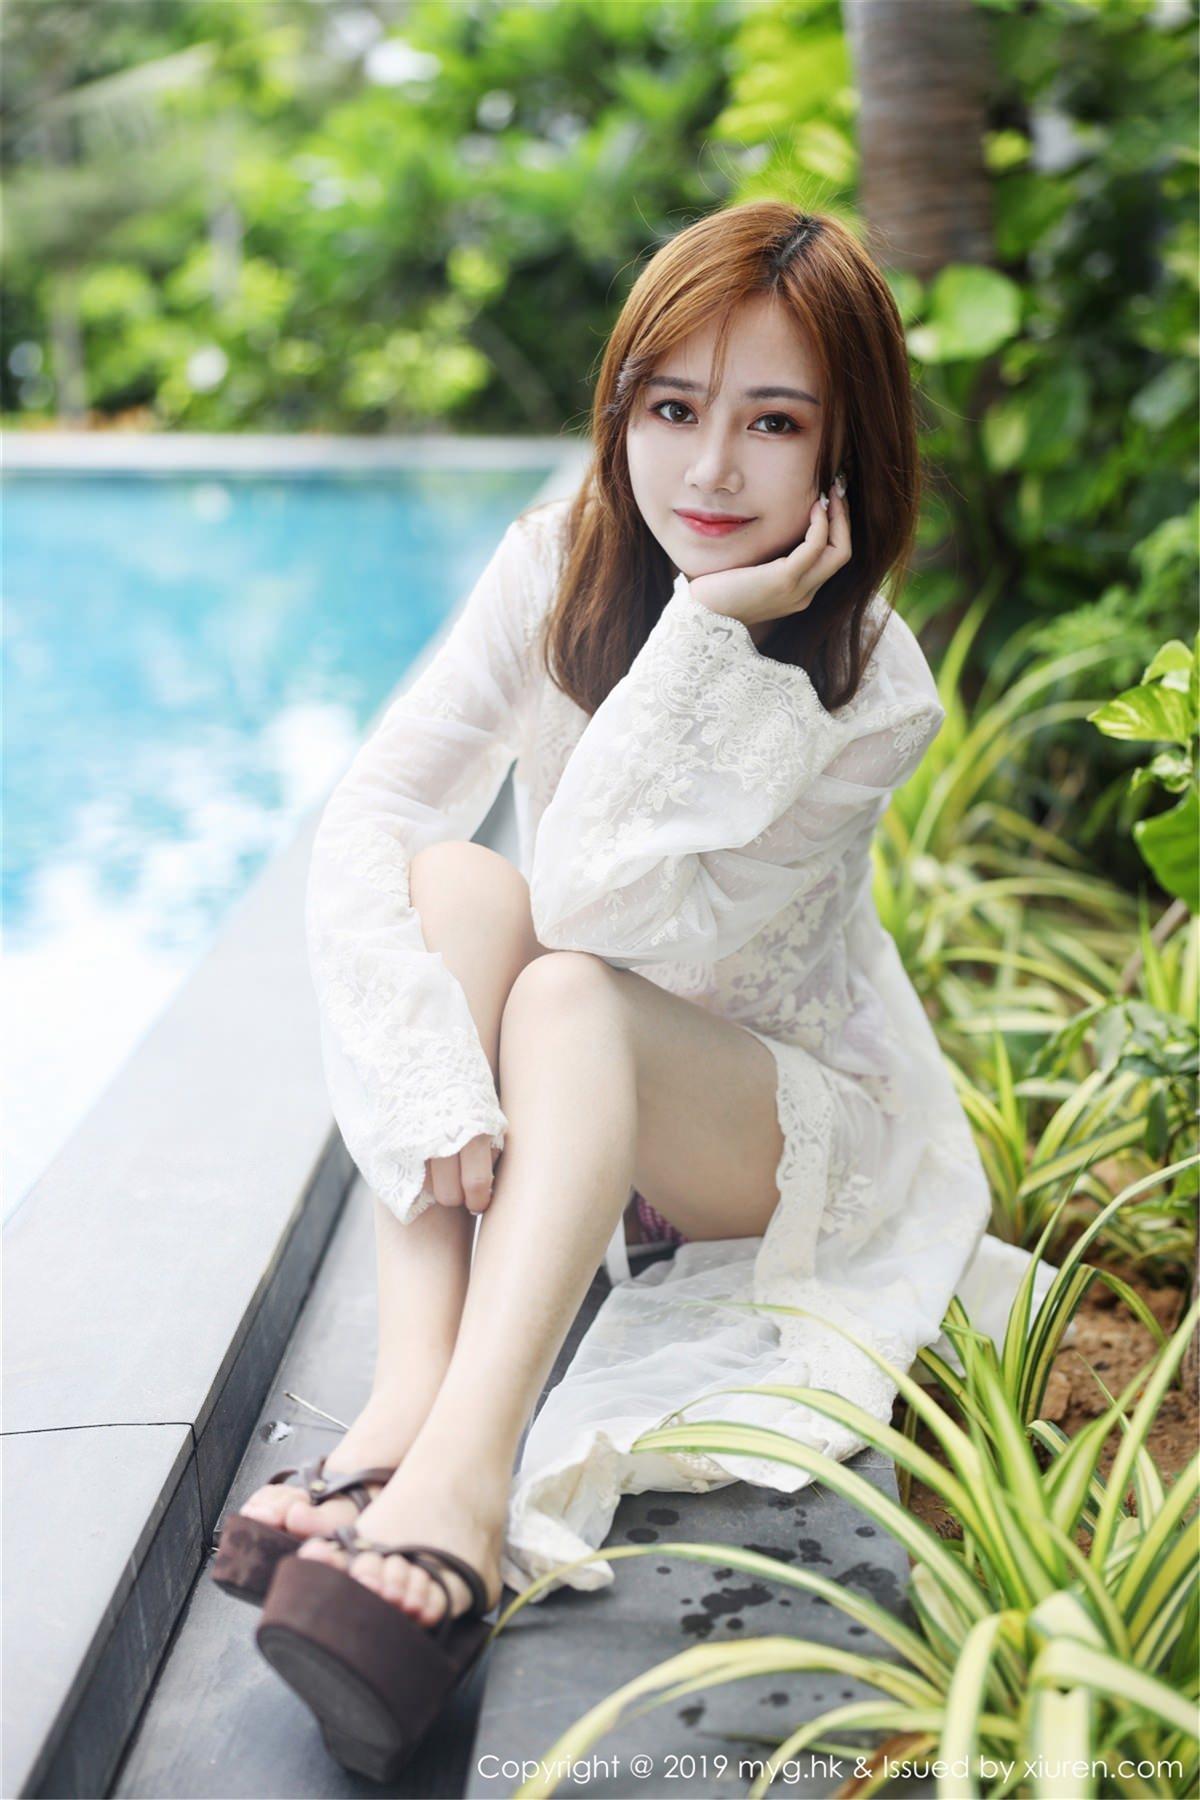 MyGirl Vol.356 5P, mygirl, Yu Zhu